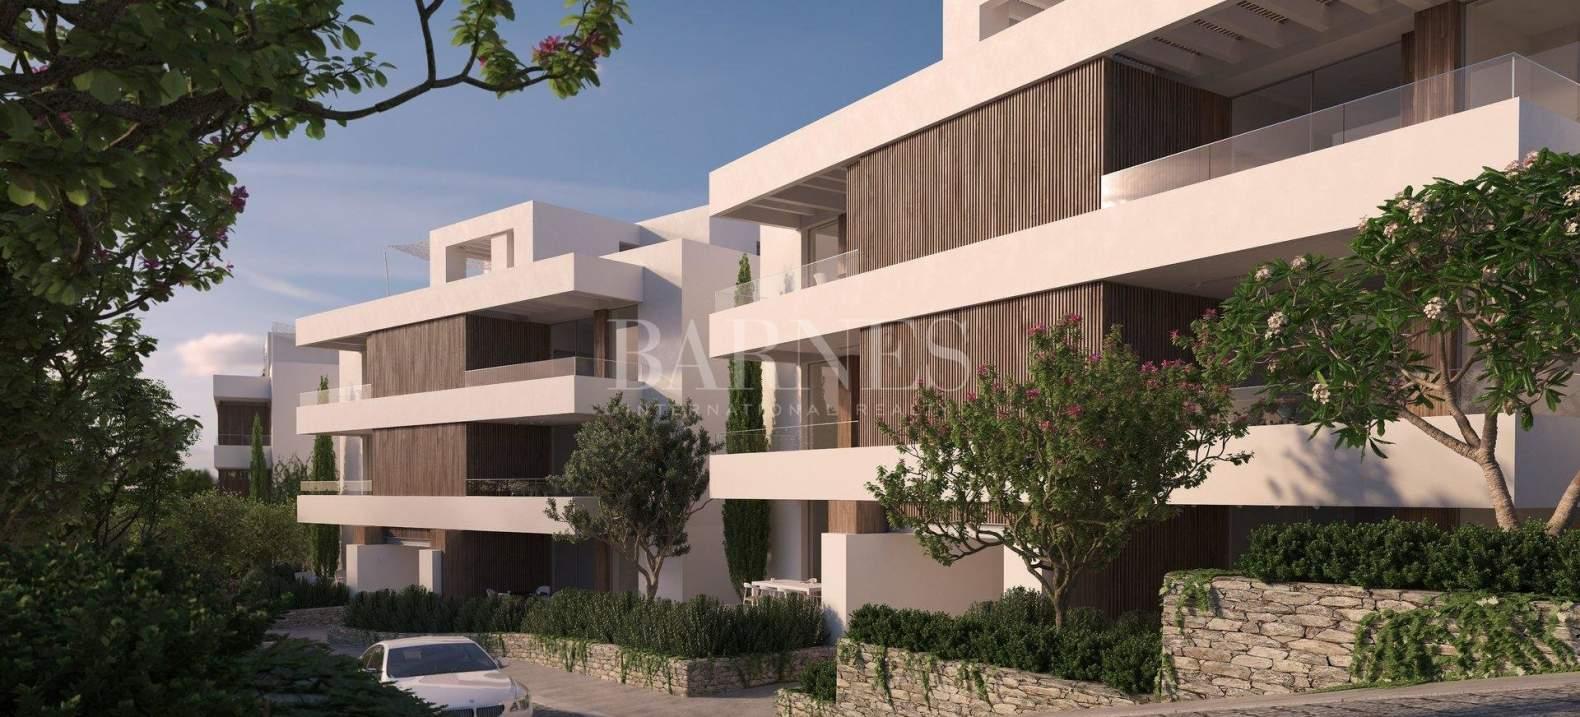 Benahavís  - Appartement 12 Pièces - picture 1